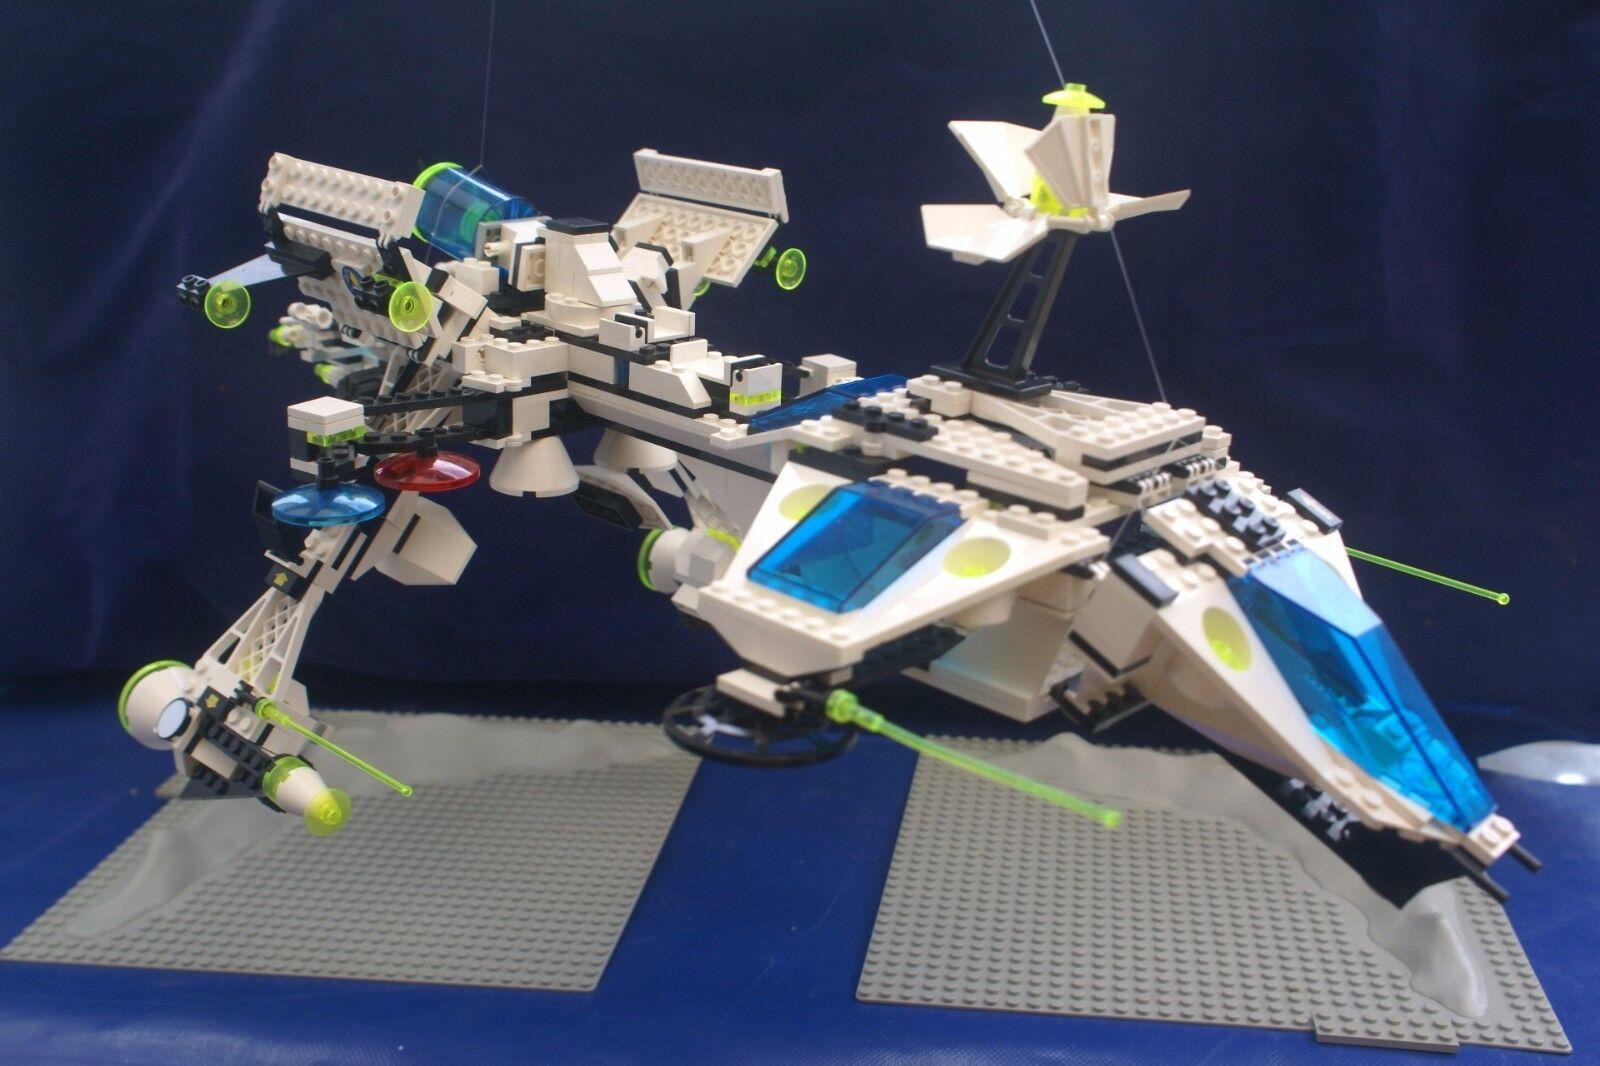 Carnaval Noël, et je suis suis suis charFemmet! Lego 6982 Explorien Starship vintage espace Instructions Complètes 4 Minifigures febef6